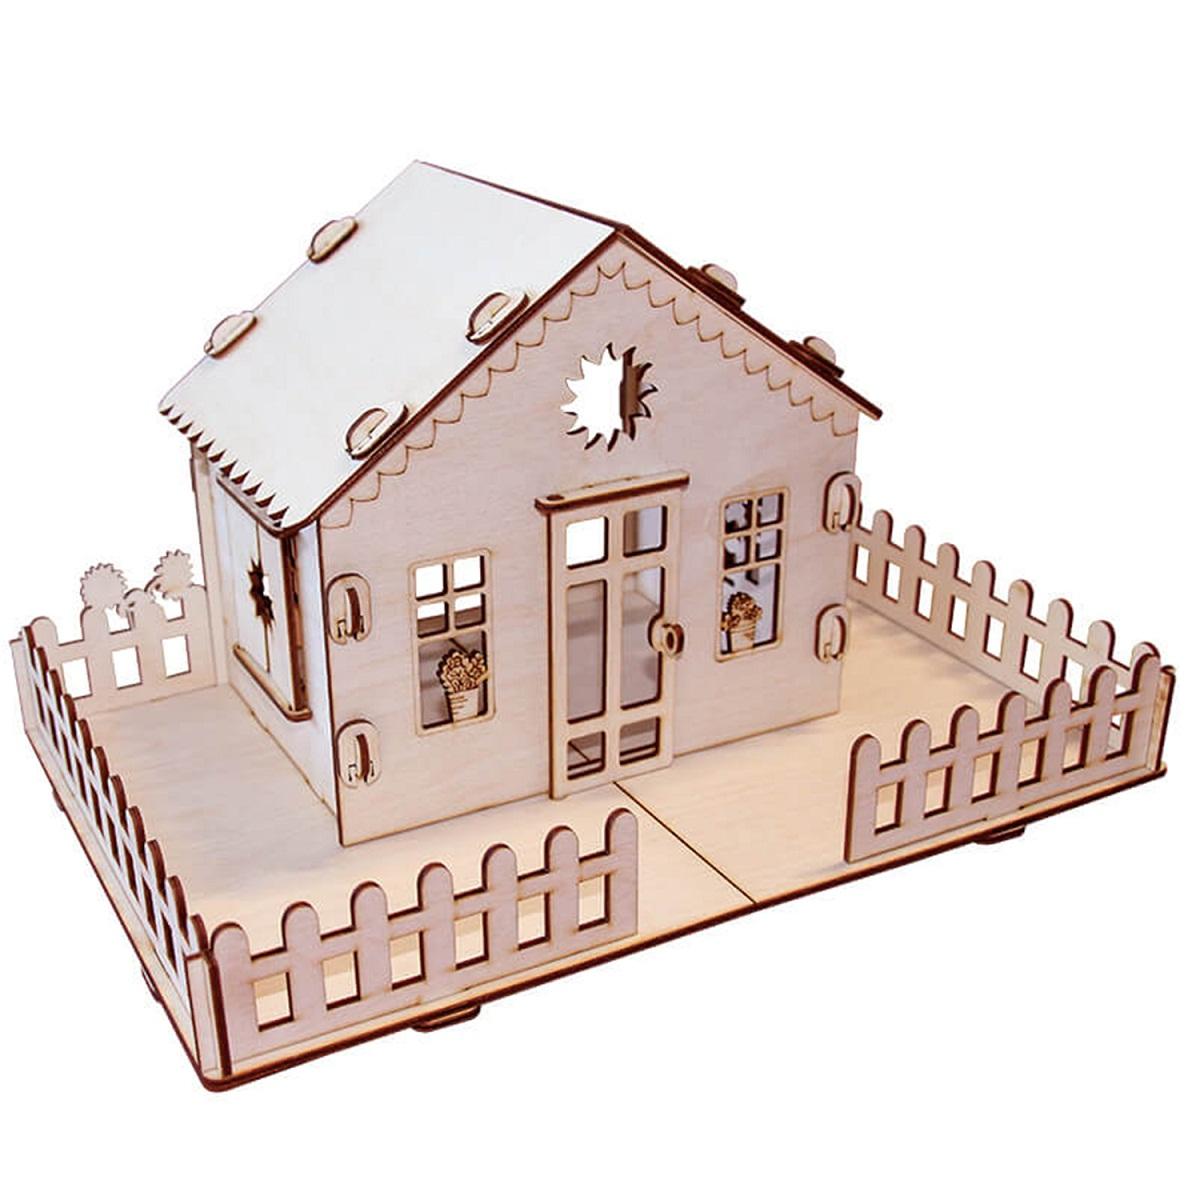 Деревянный конструктор из серии - Я дизайнер - Дачный кукольный домик